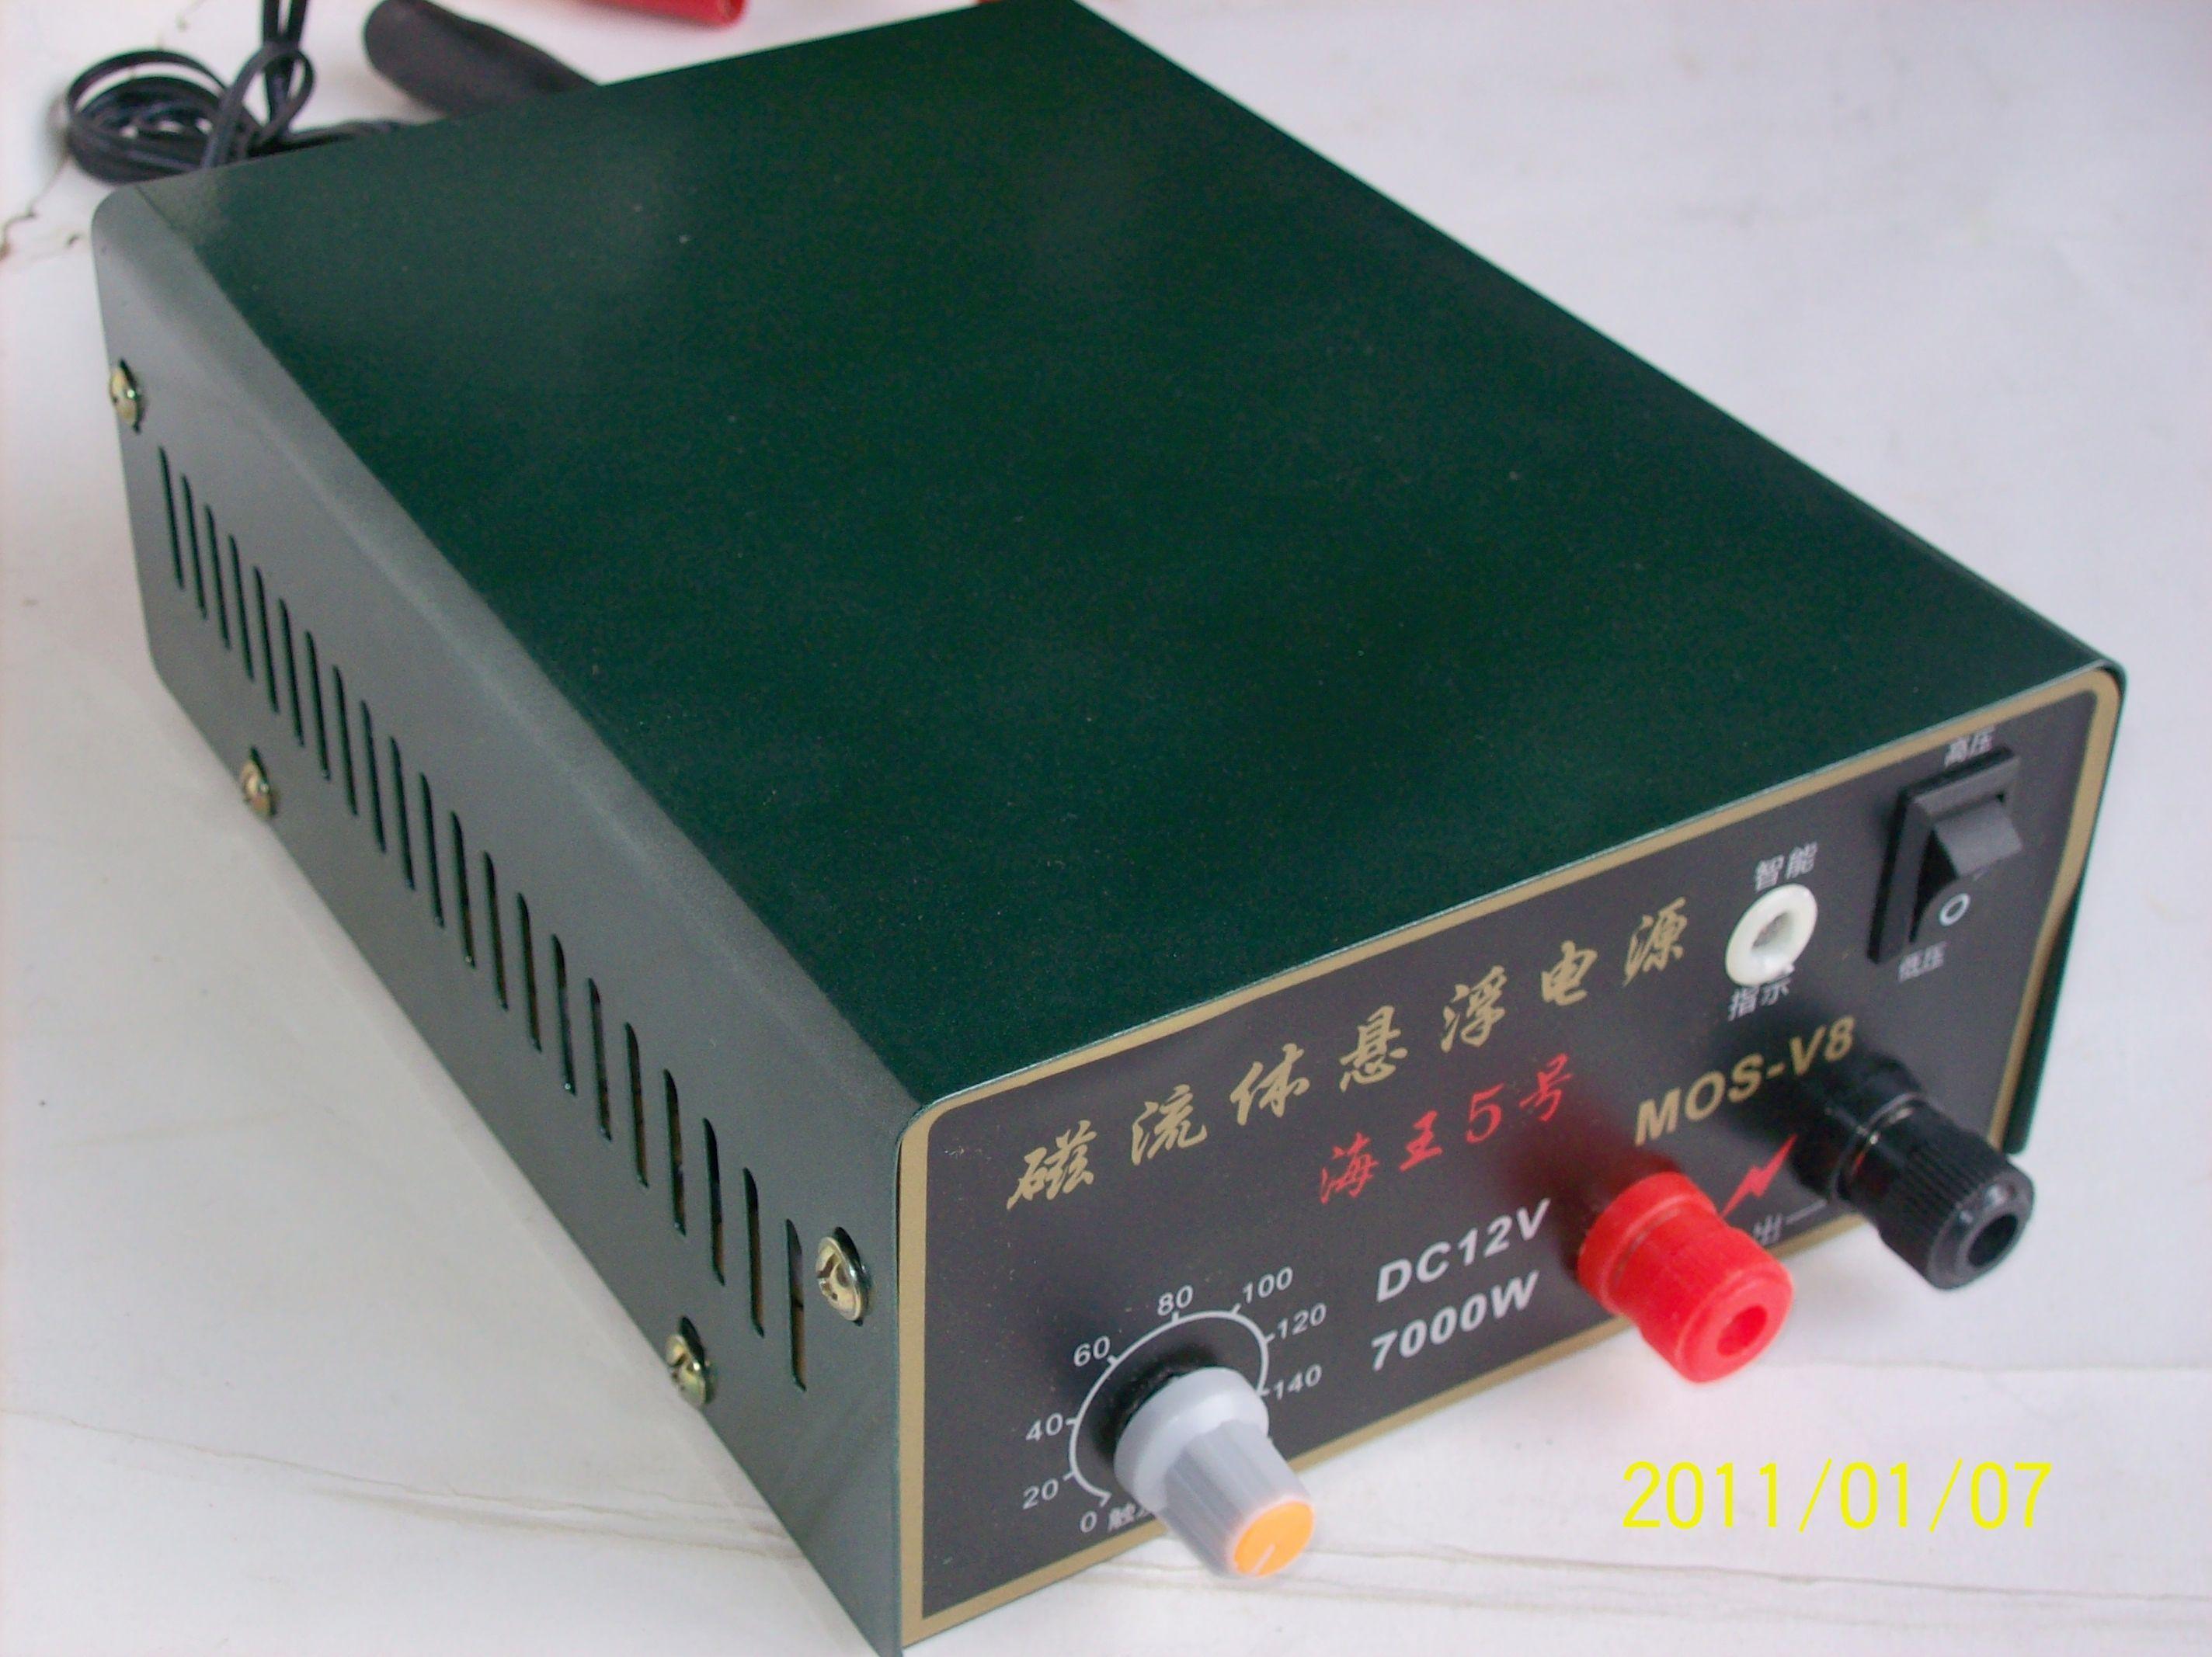 автоэлектрика 7000W мощность Ультразвуковые ультразвуковой преобразователь инвертор инвертор усилитель задней автомат Король